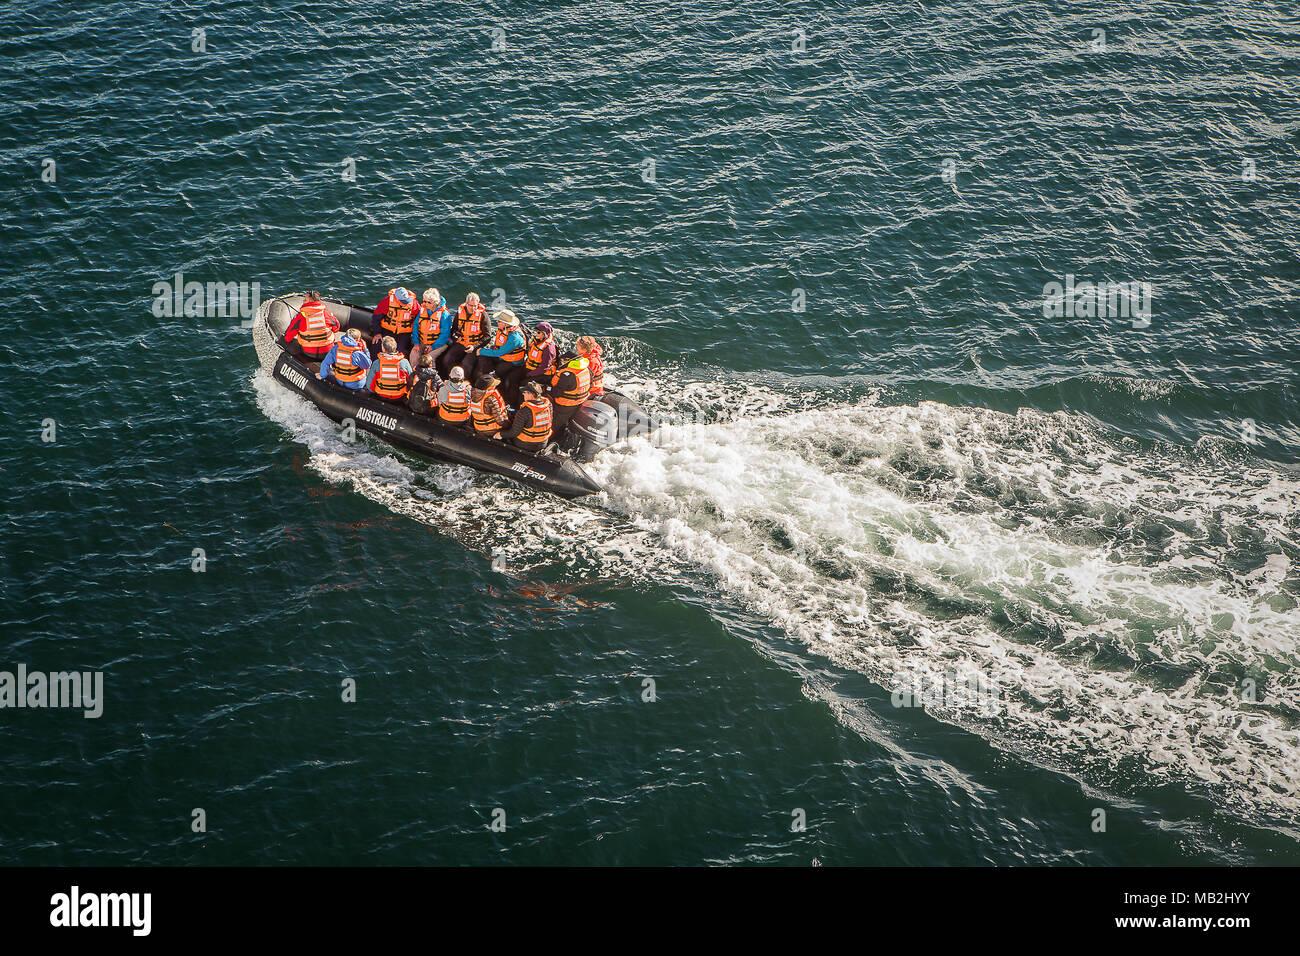 Los exploradores viajaban en una Zodiac, en Seno Almirantazgo, el Estrecho de Magallanes. PN Alberto de Agostini, Tierra del Fuego, Patagonia, Chile Imagen De Stock